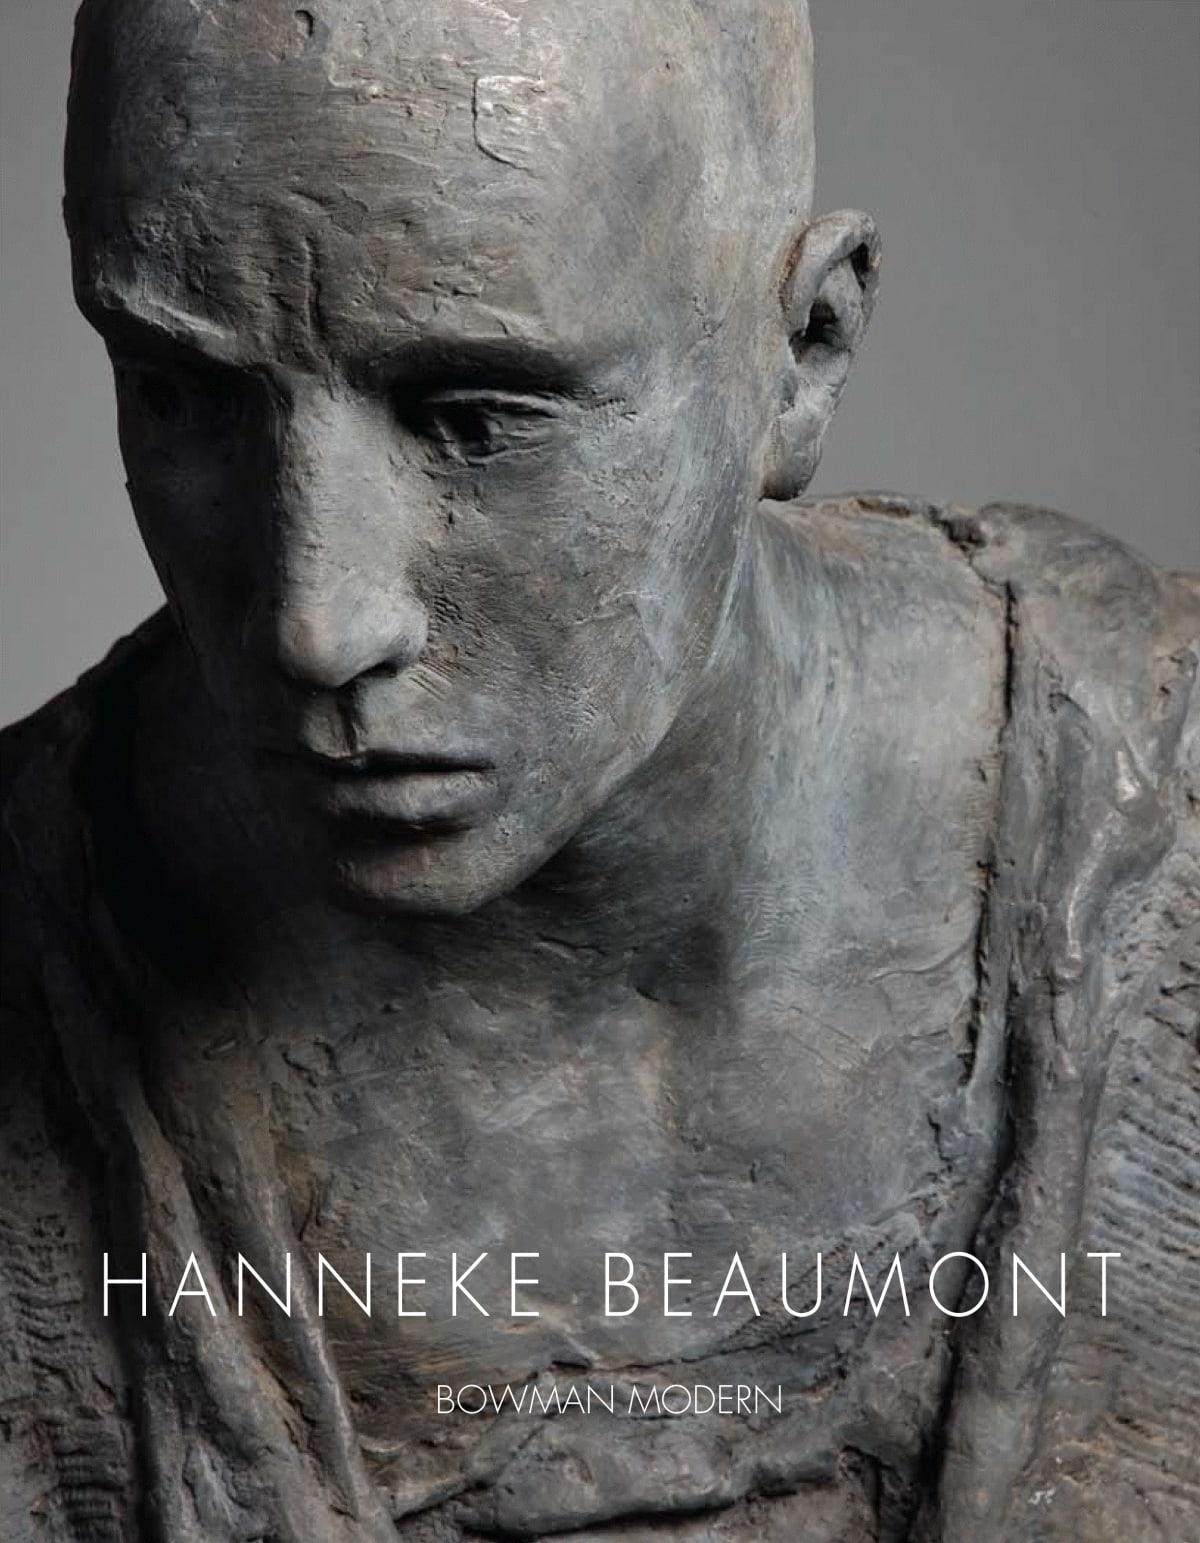 Hanneke Beaumont